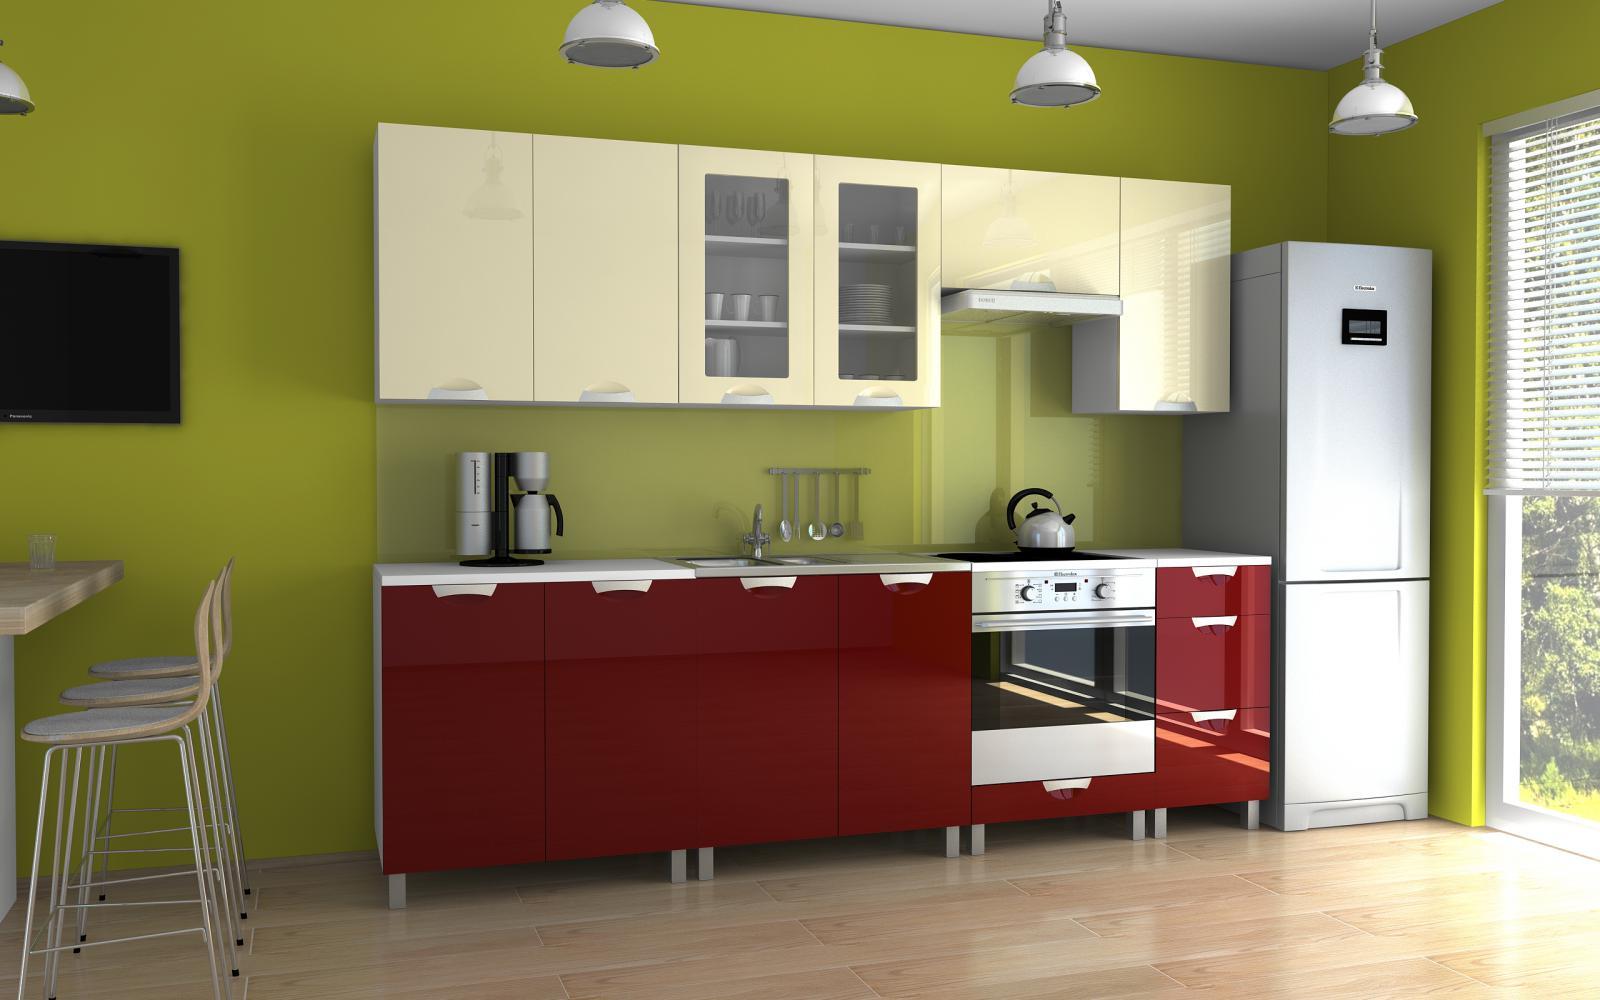 Kuchyňská linka Parkour RLG 260 vanilka/bordo lesk